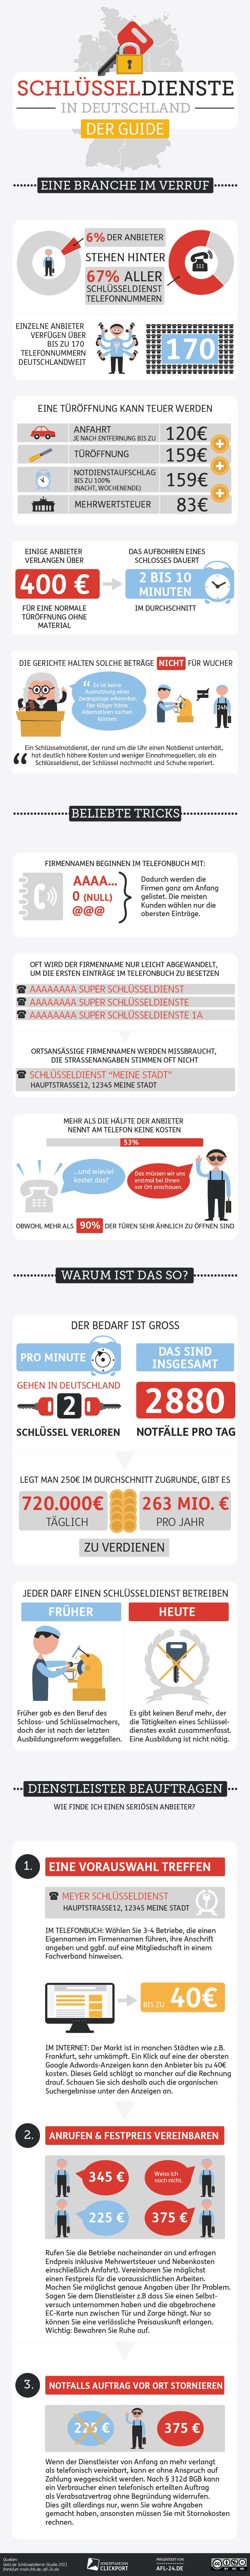 Die Tricks der Schlüsseldienste - Infografik